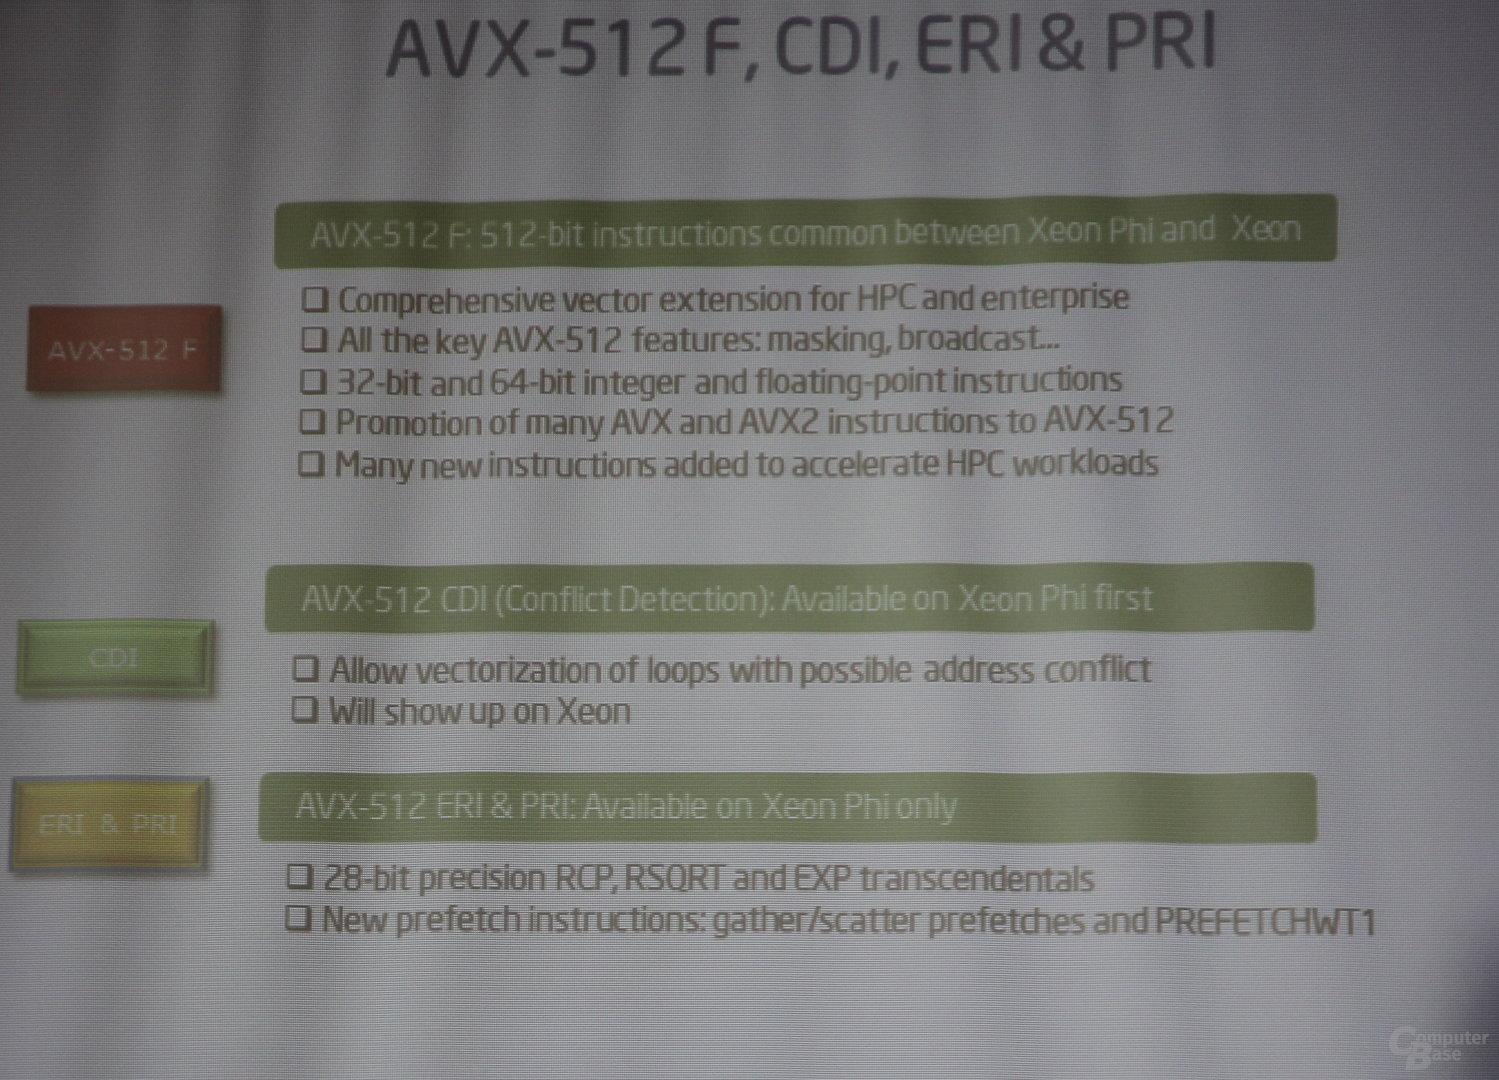 AVX-512 für Xeon und Xeon Phi